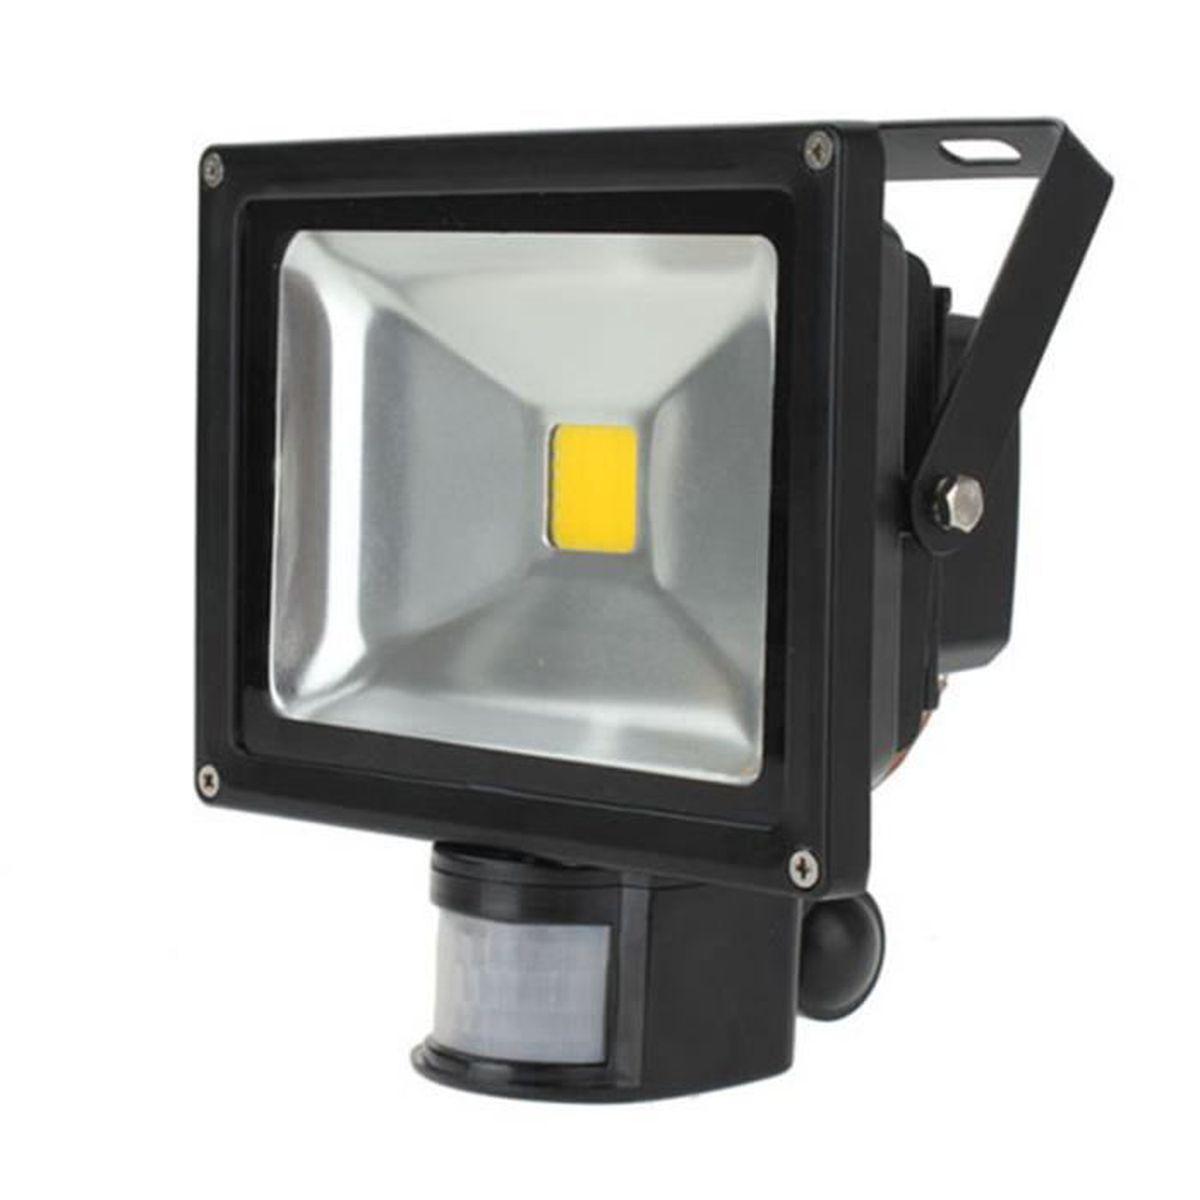 Projecteur led lampe ext rieur d tecteur mouvement 20w for Lampe electrique exterieur